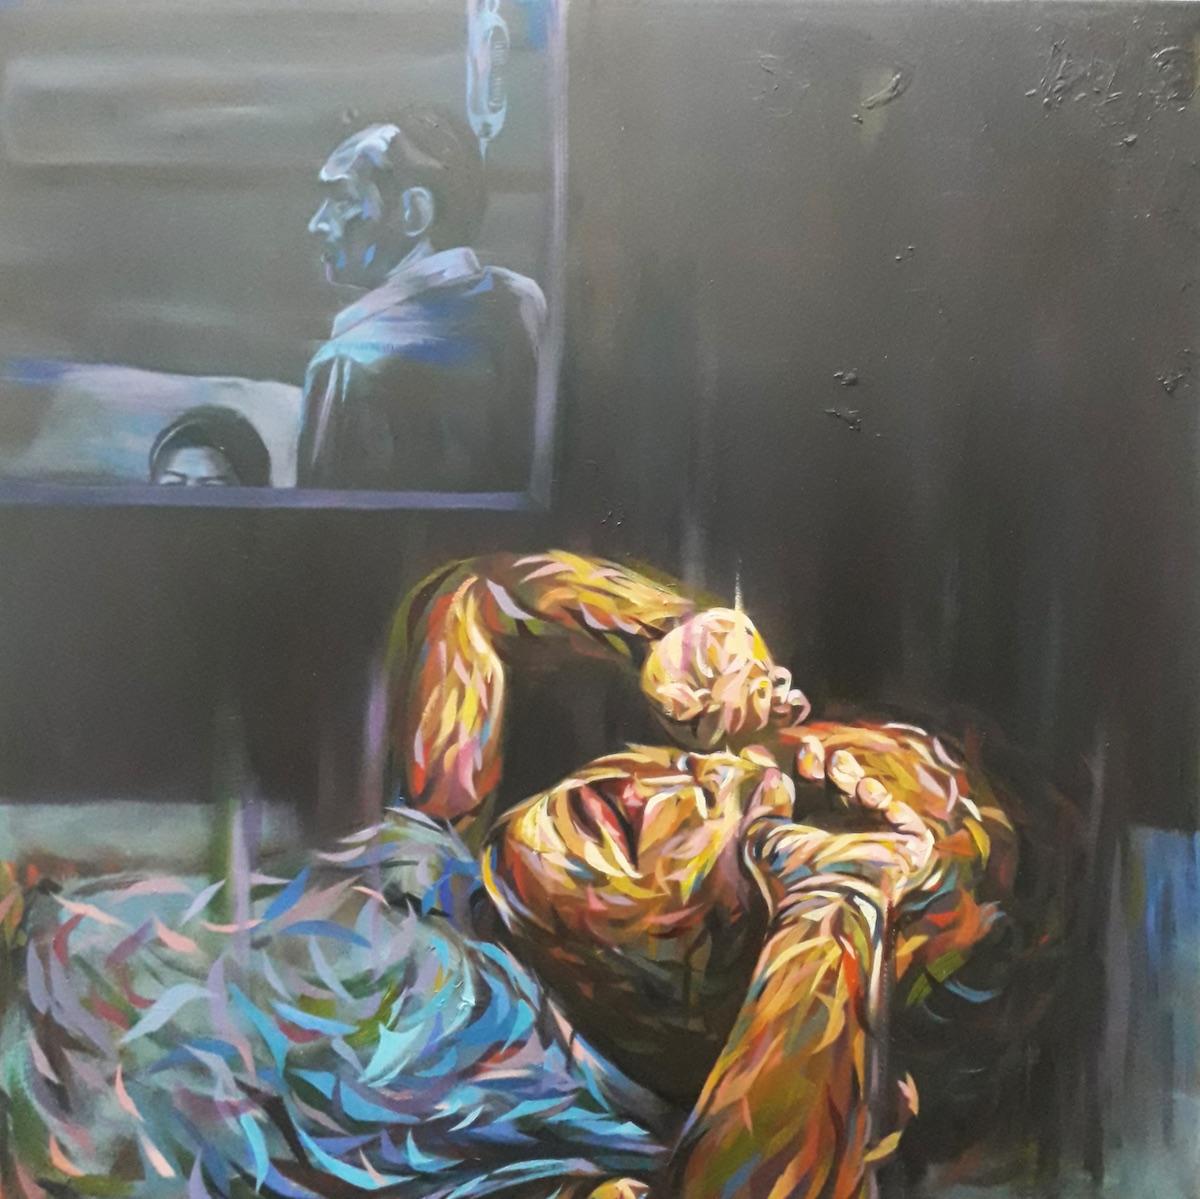 Solitary Series: 2 Narrative by Rais Azmi